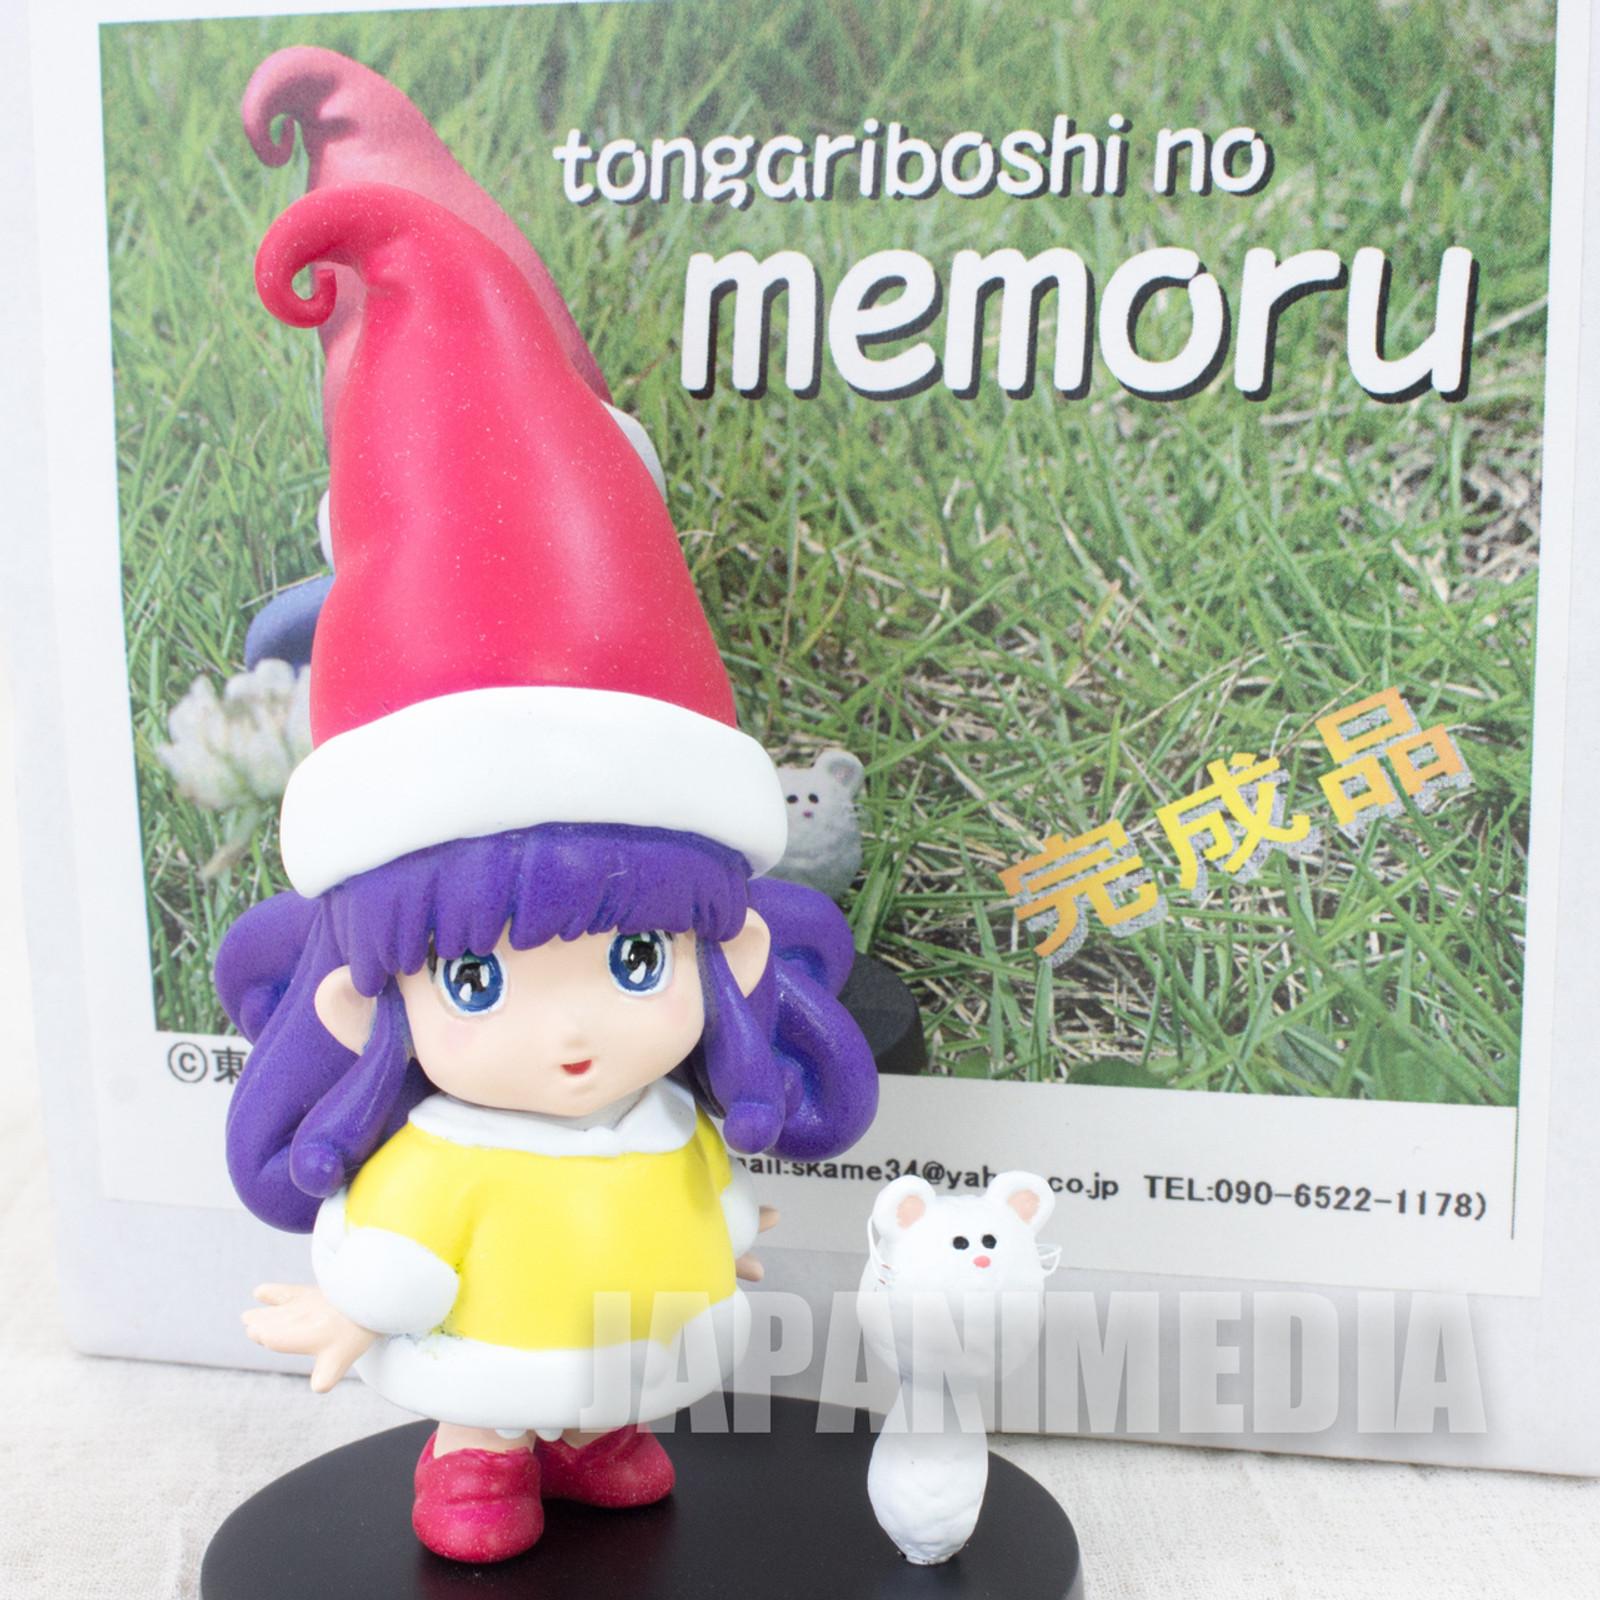 RARE! Memole Dolce Memole Complete Painted Figure Wonder Festival 2012 JAPAN